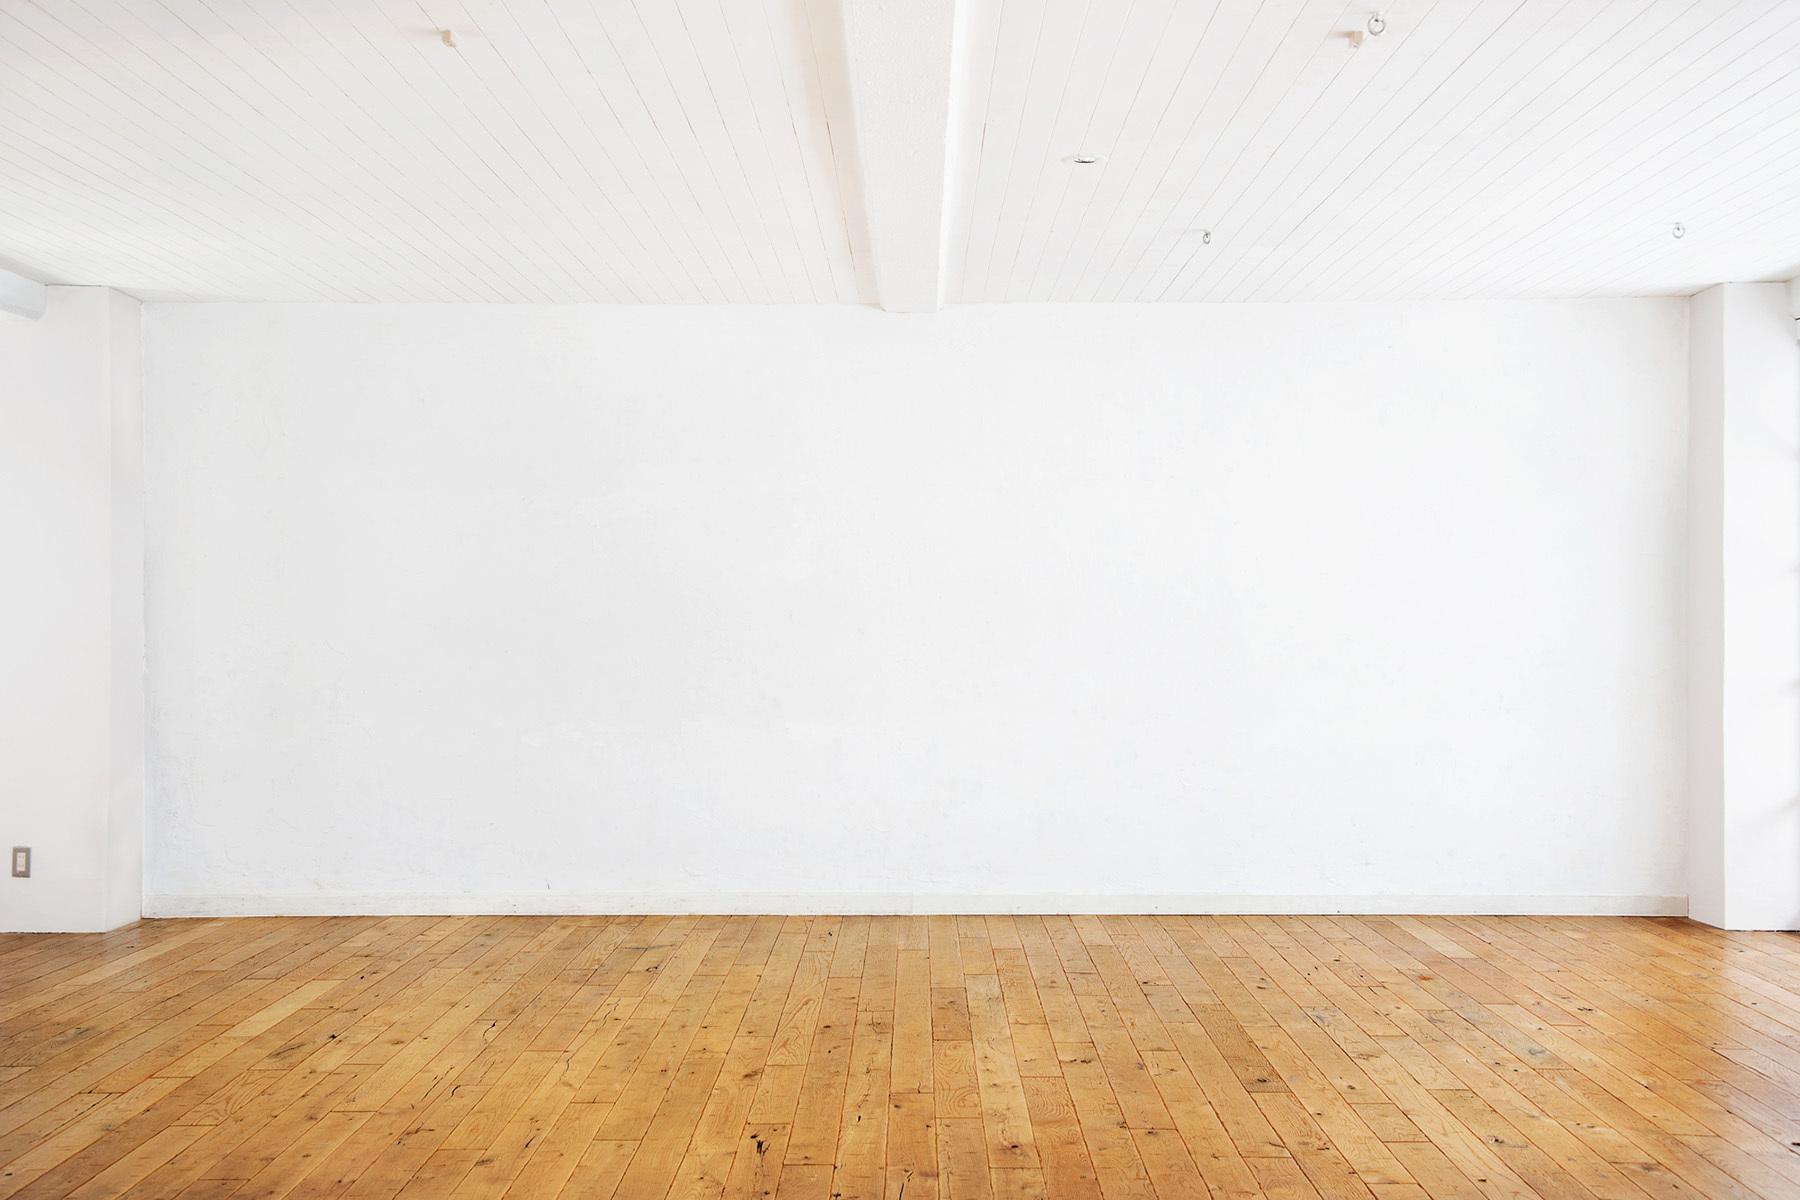 StudioBRICK 3F (スタジオブリック八丁堀3F)漆喰の壁